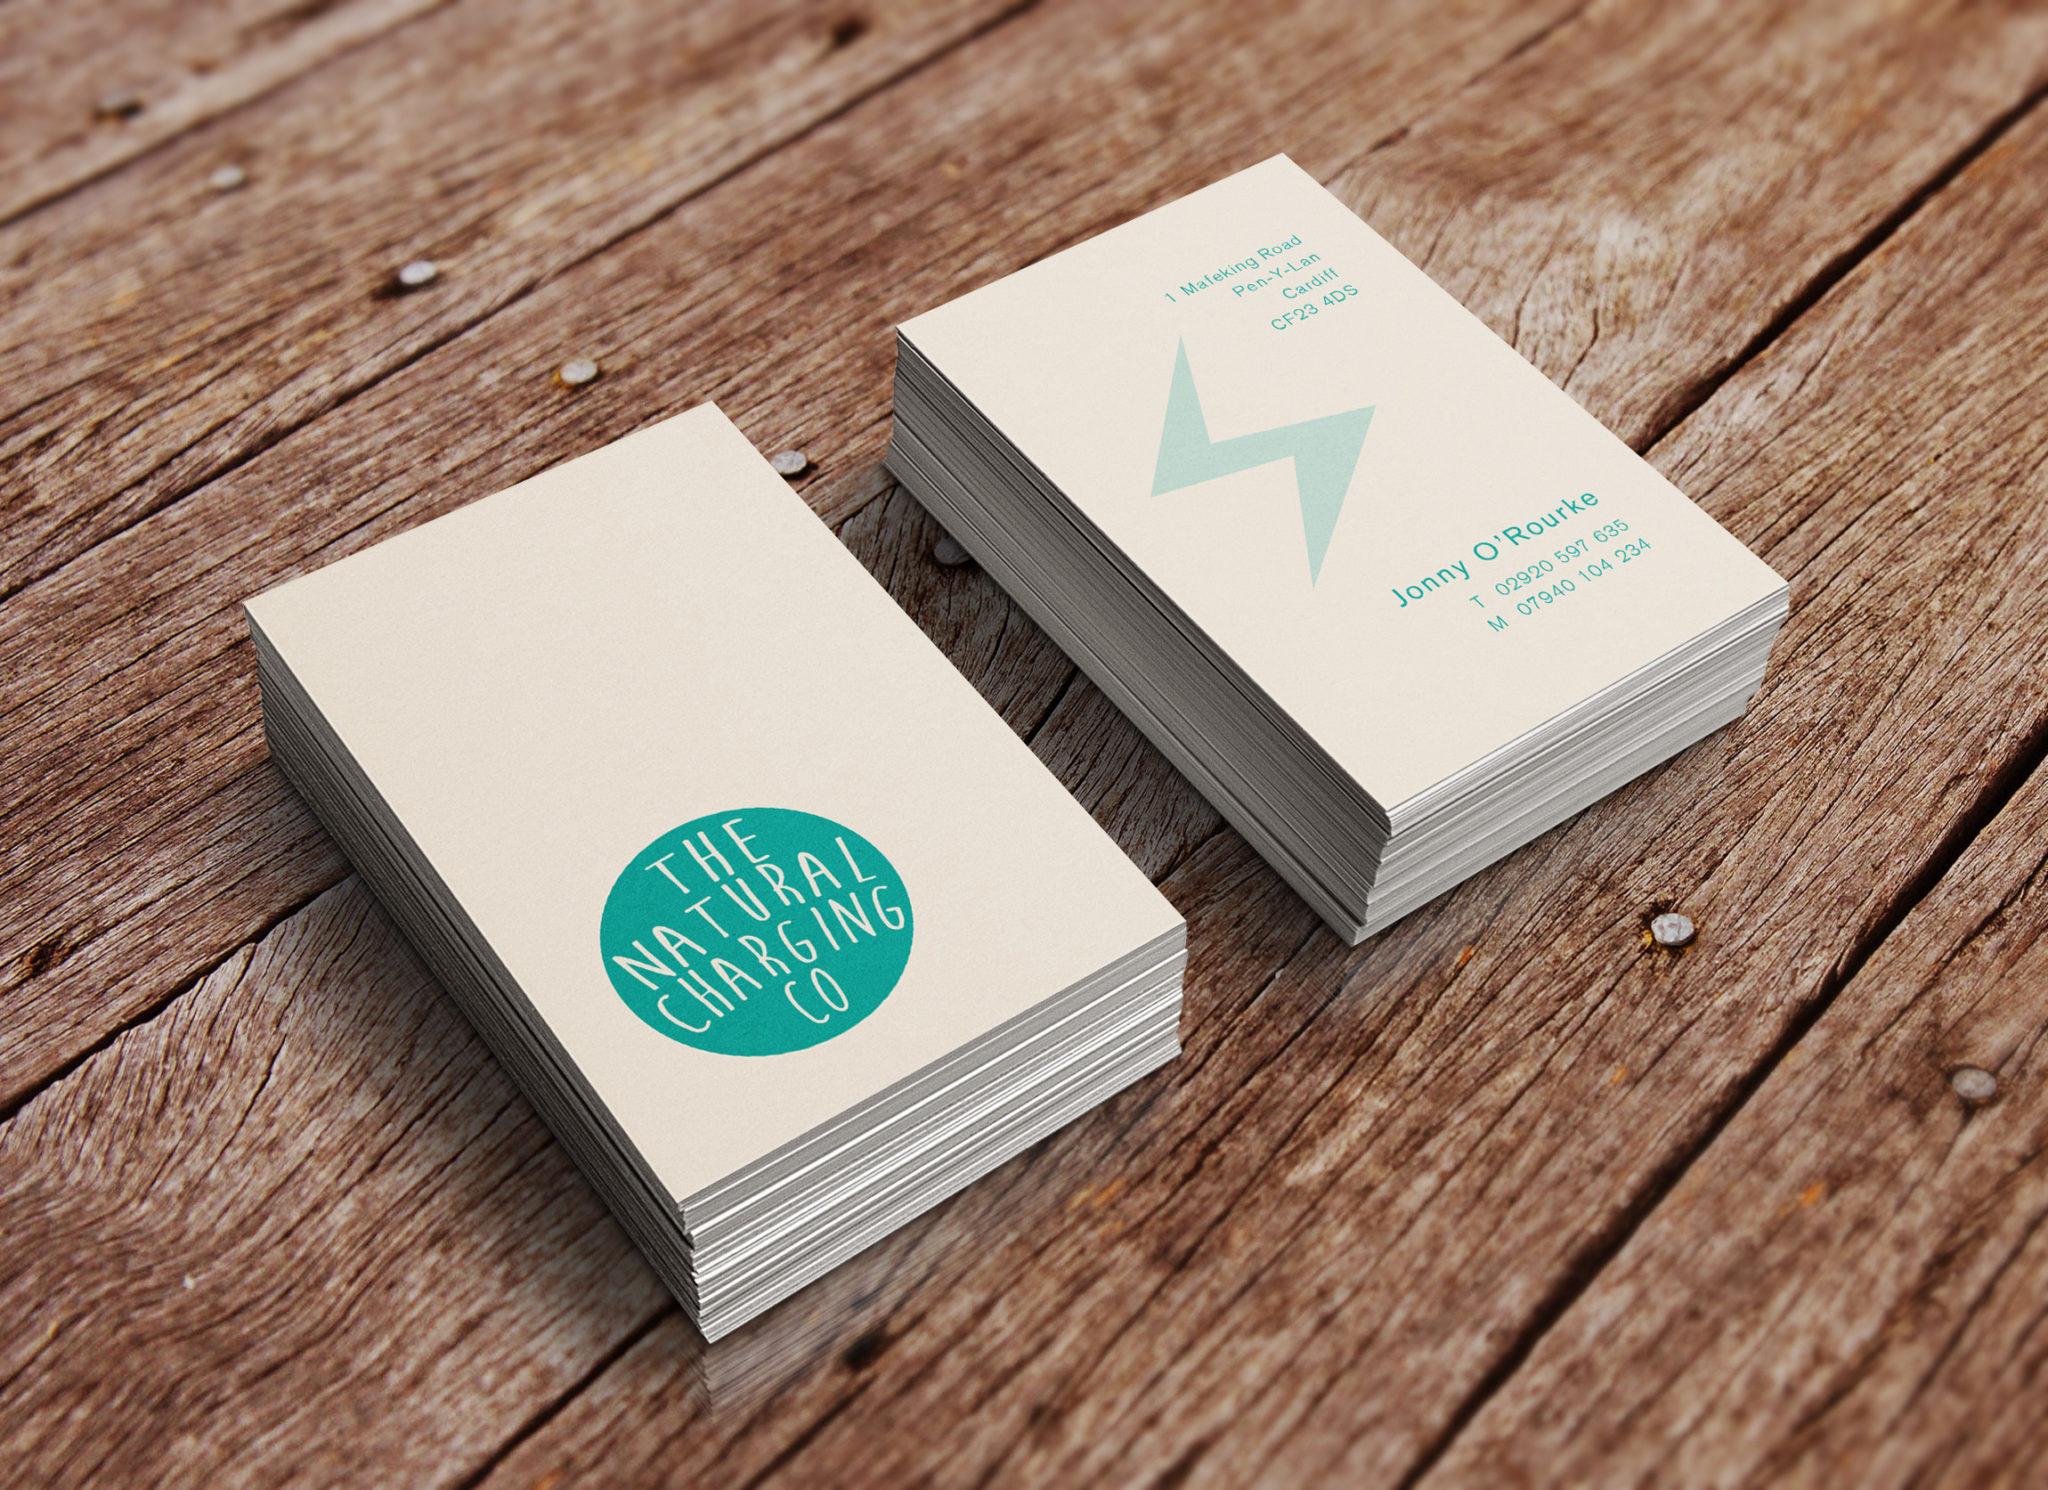 Graphic Design, Graphic Design Cardiff, The Cardiff Graphic Designer